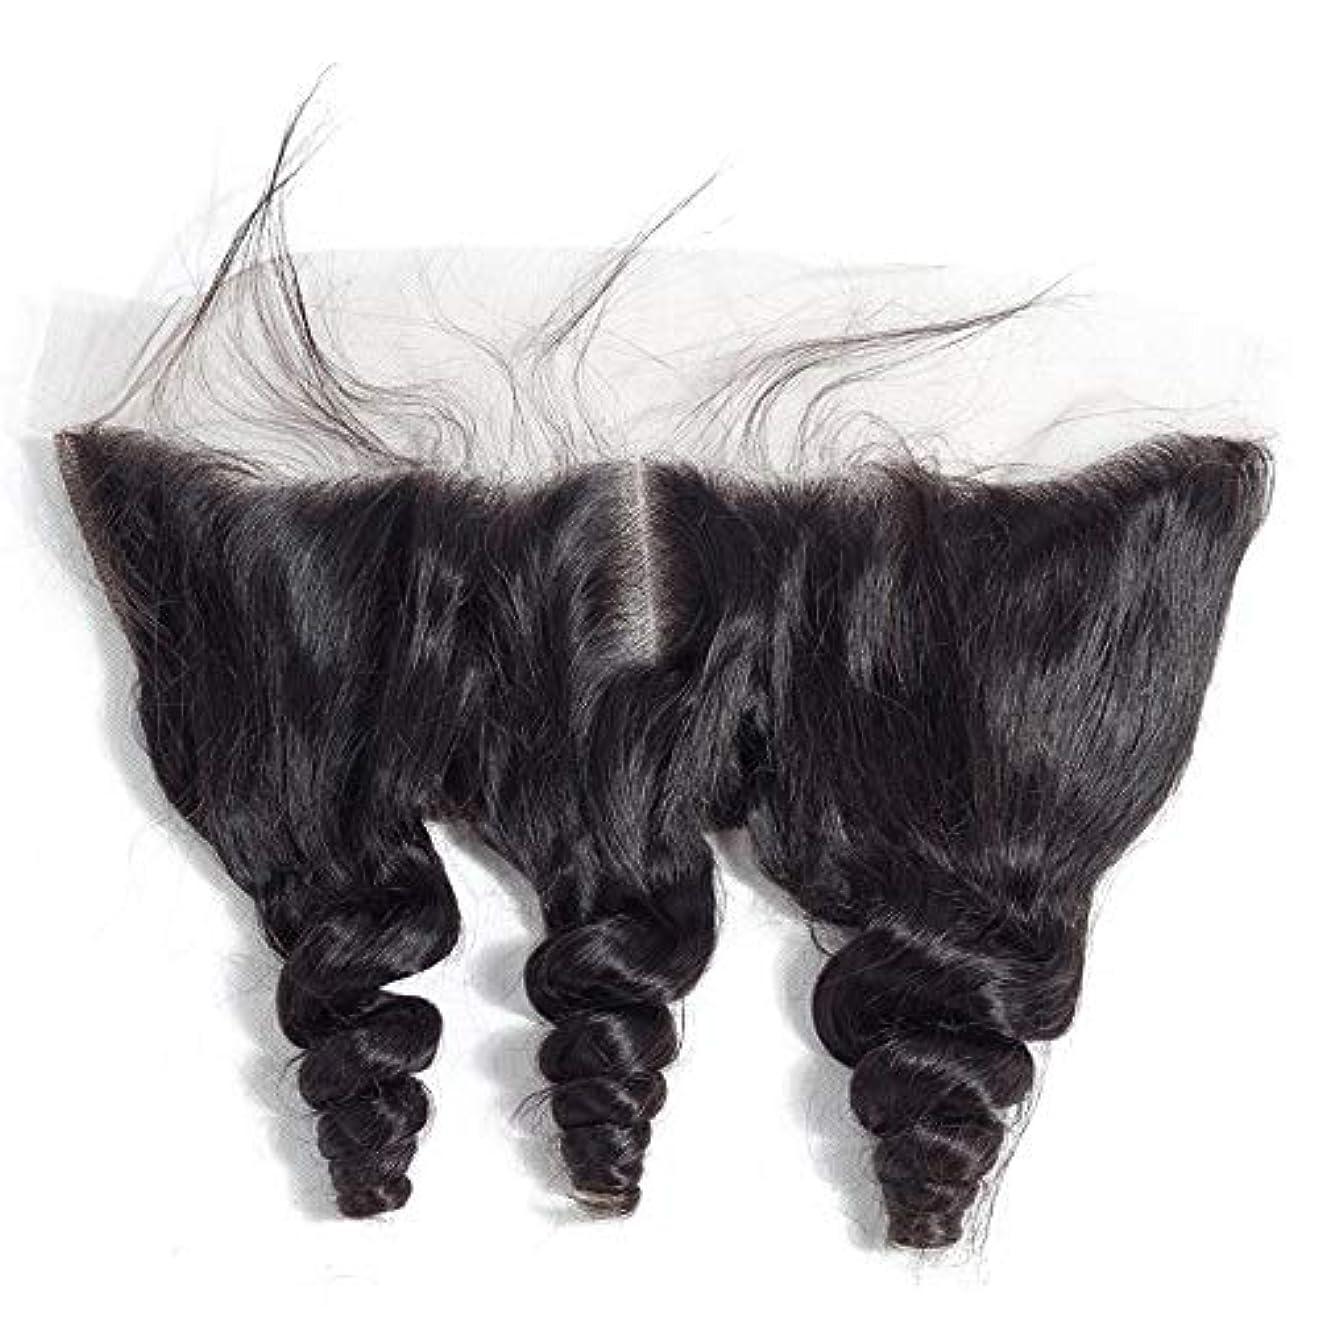 メトリック不健康見せますWASAIO ヘアエクステンションクリップ裏地なし髪型ブラジルルーズウェーブ13 * 4レースフロンタル閉鎖横隔膜パート人間 (色 : 黒, サイズ : 8 inch)